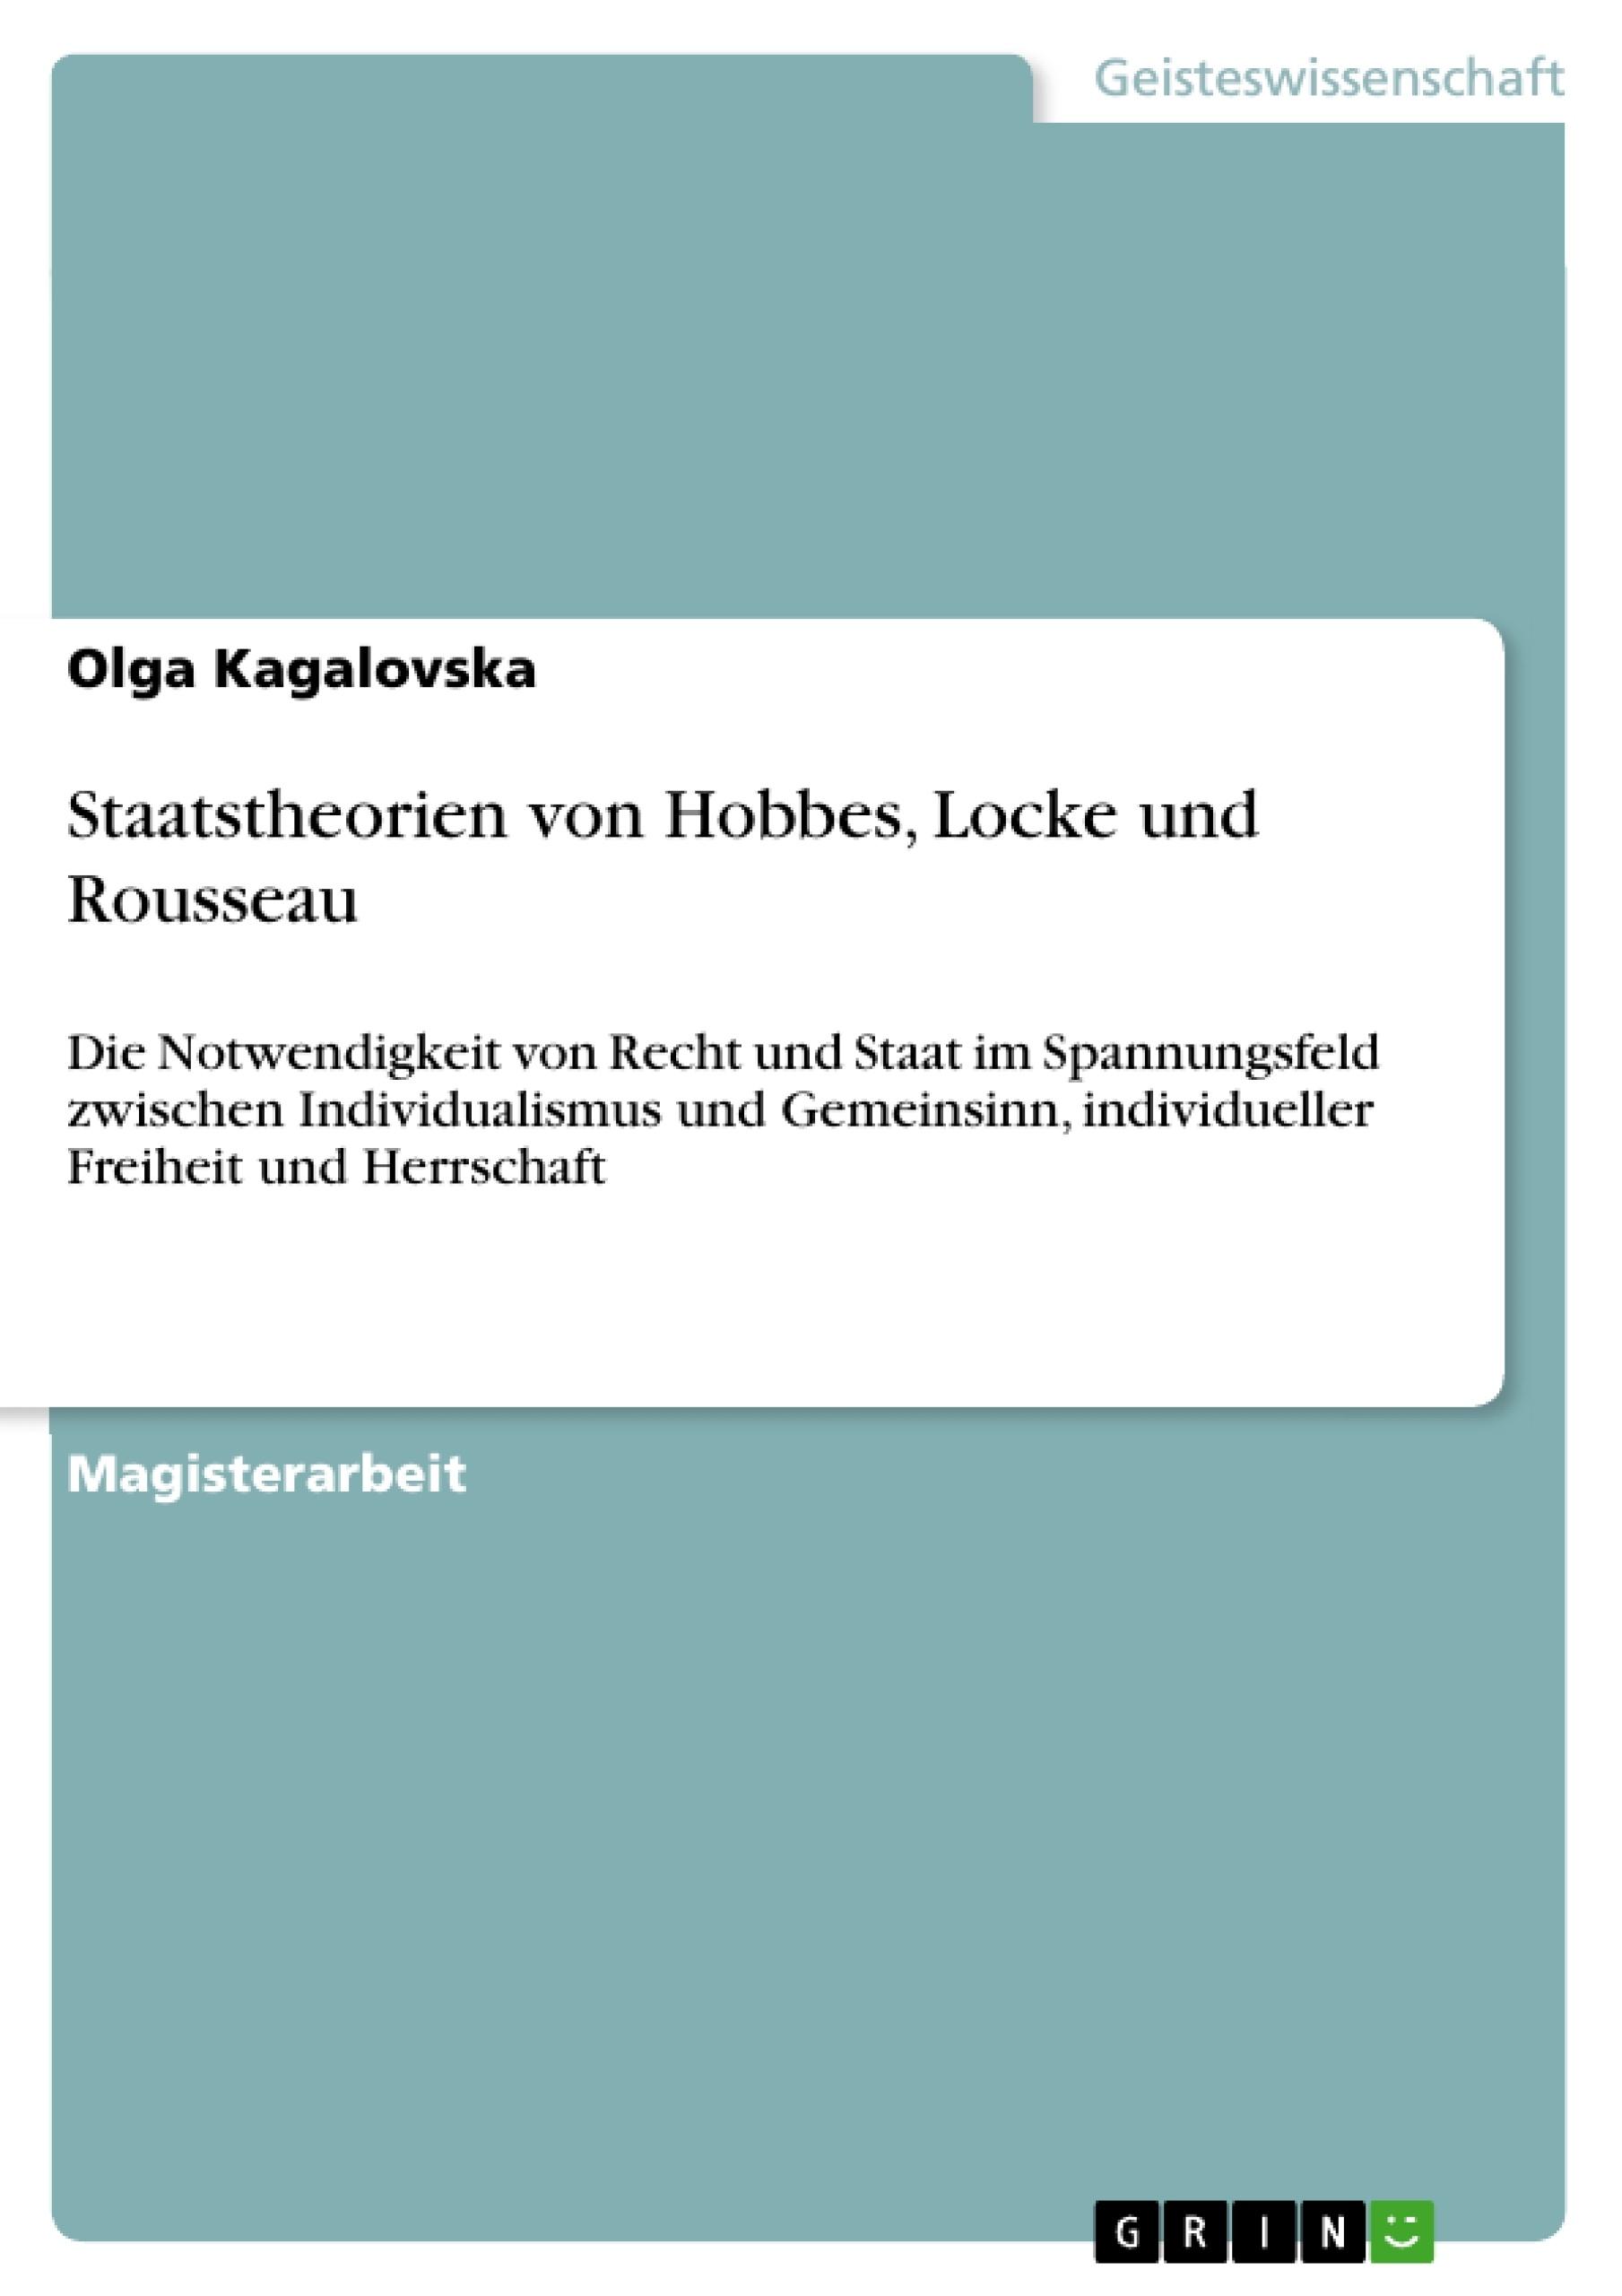 Titel: Staatstheorien von Hobbes, Locke und Rousseau